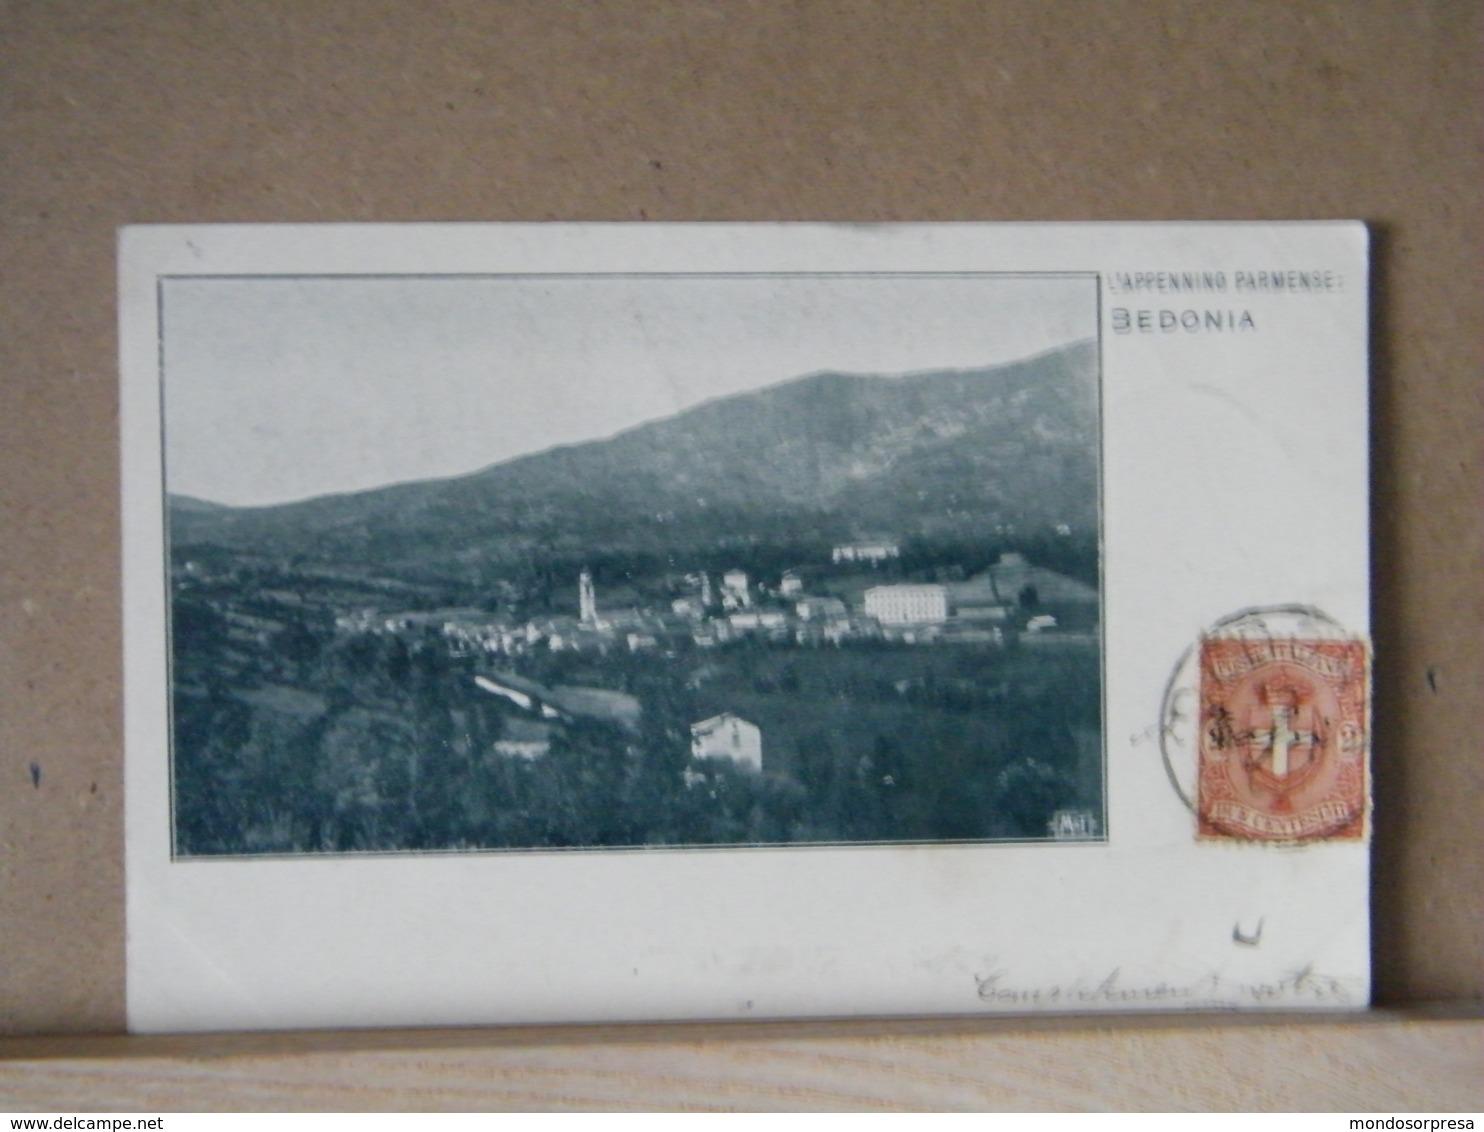 MONDOSORPRESA, BEDONIA L' APPENNINO PARMENSE (1900), VIAGGIATA - Parma